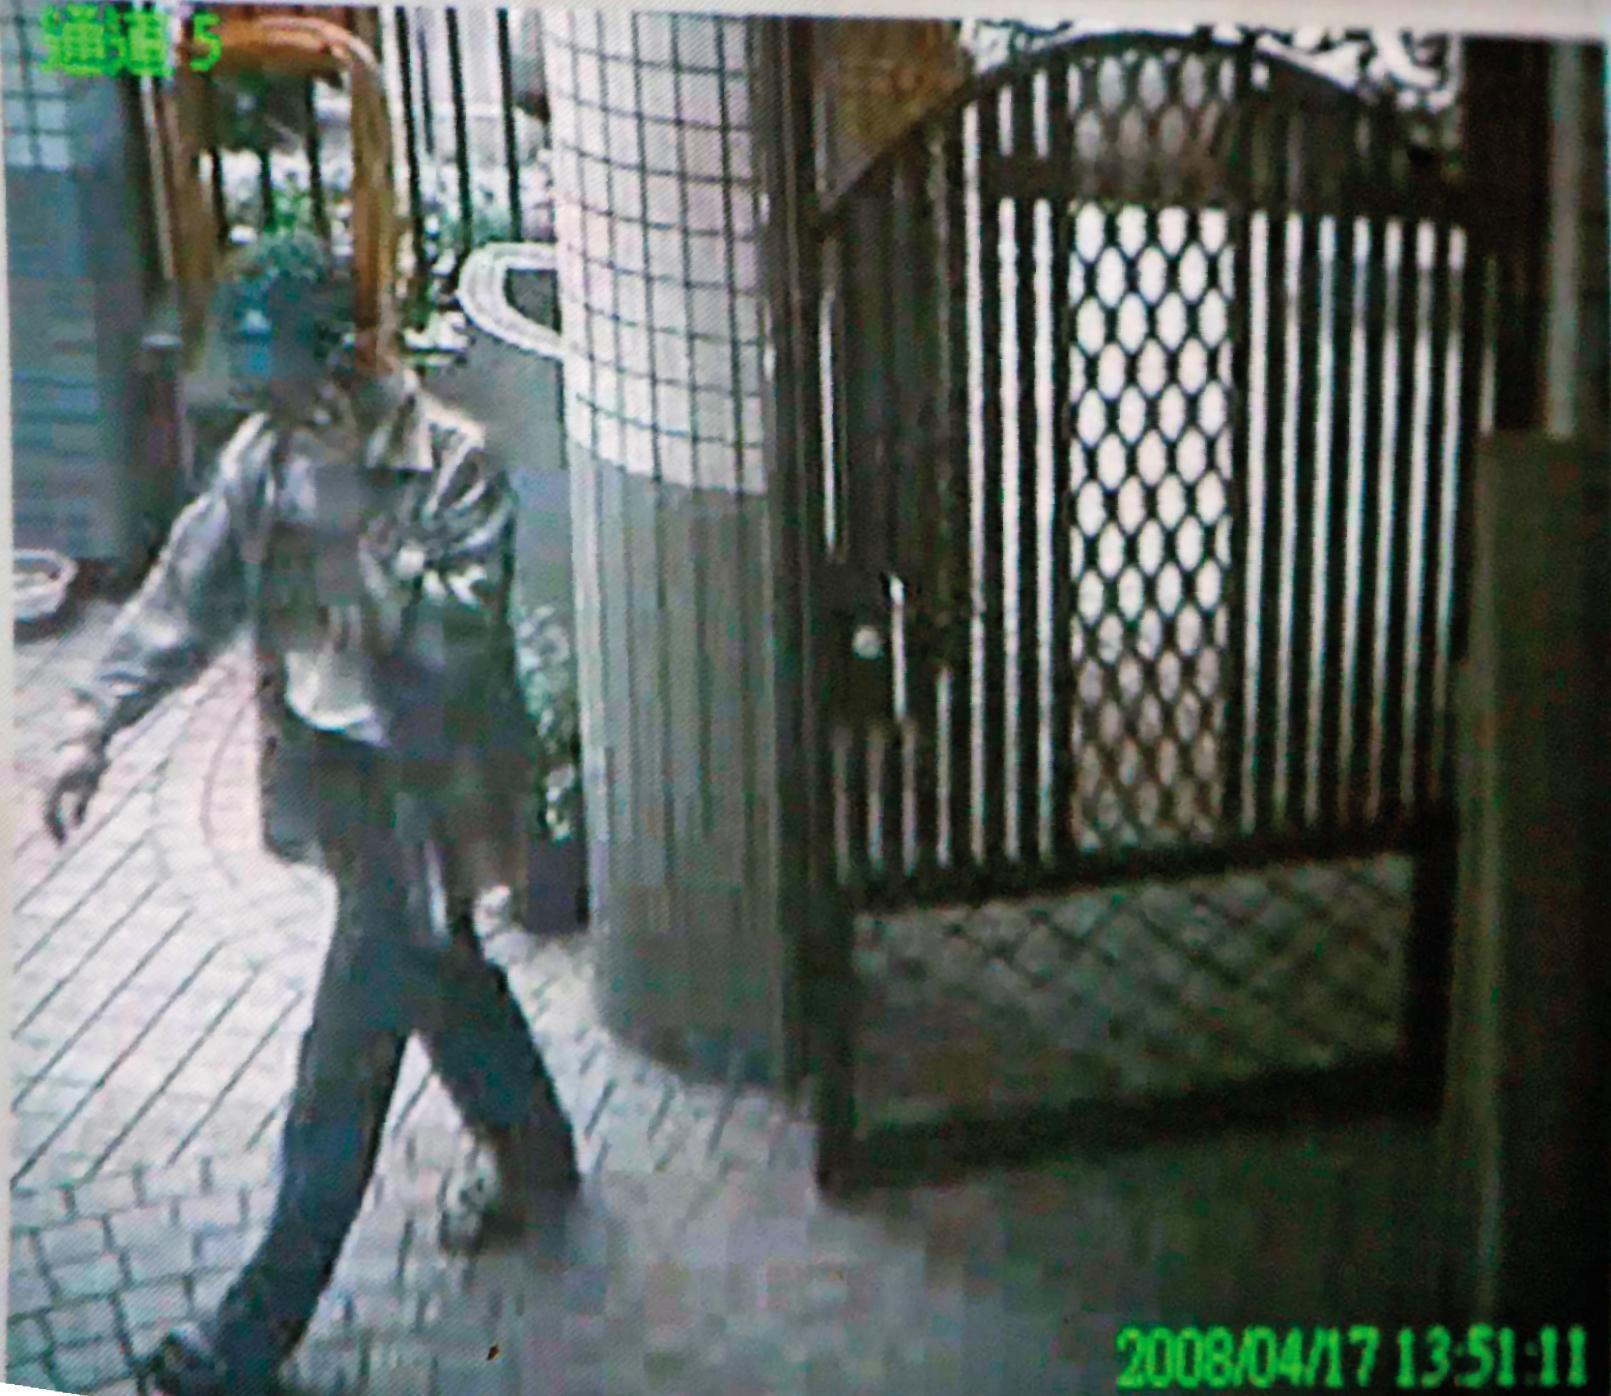 警方從各種事證,加上林吉杉出入社區大樓的監視畫面,更加確定他就是殺害葉女的凶嫌。(翻攝畫面)